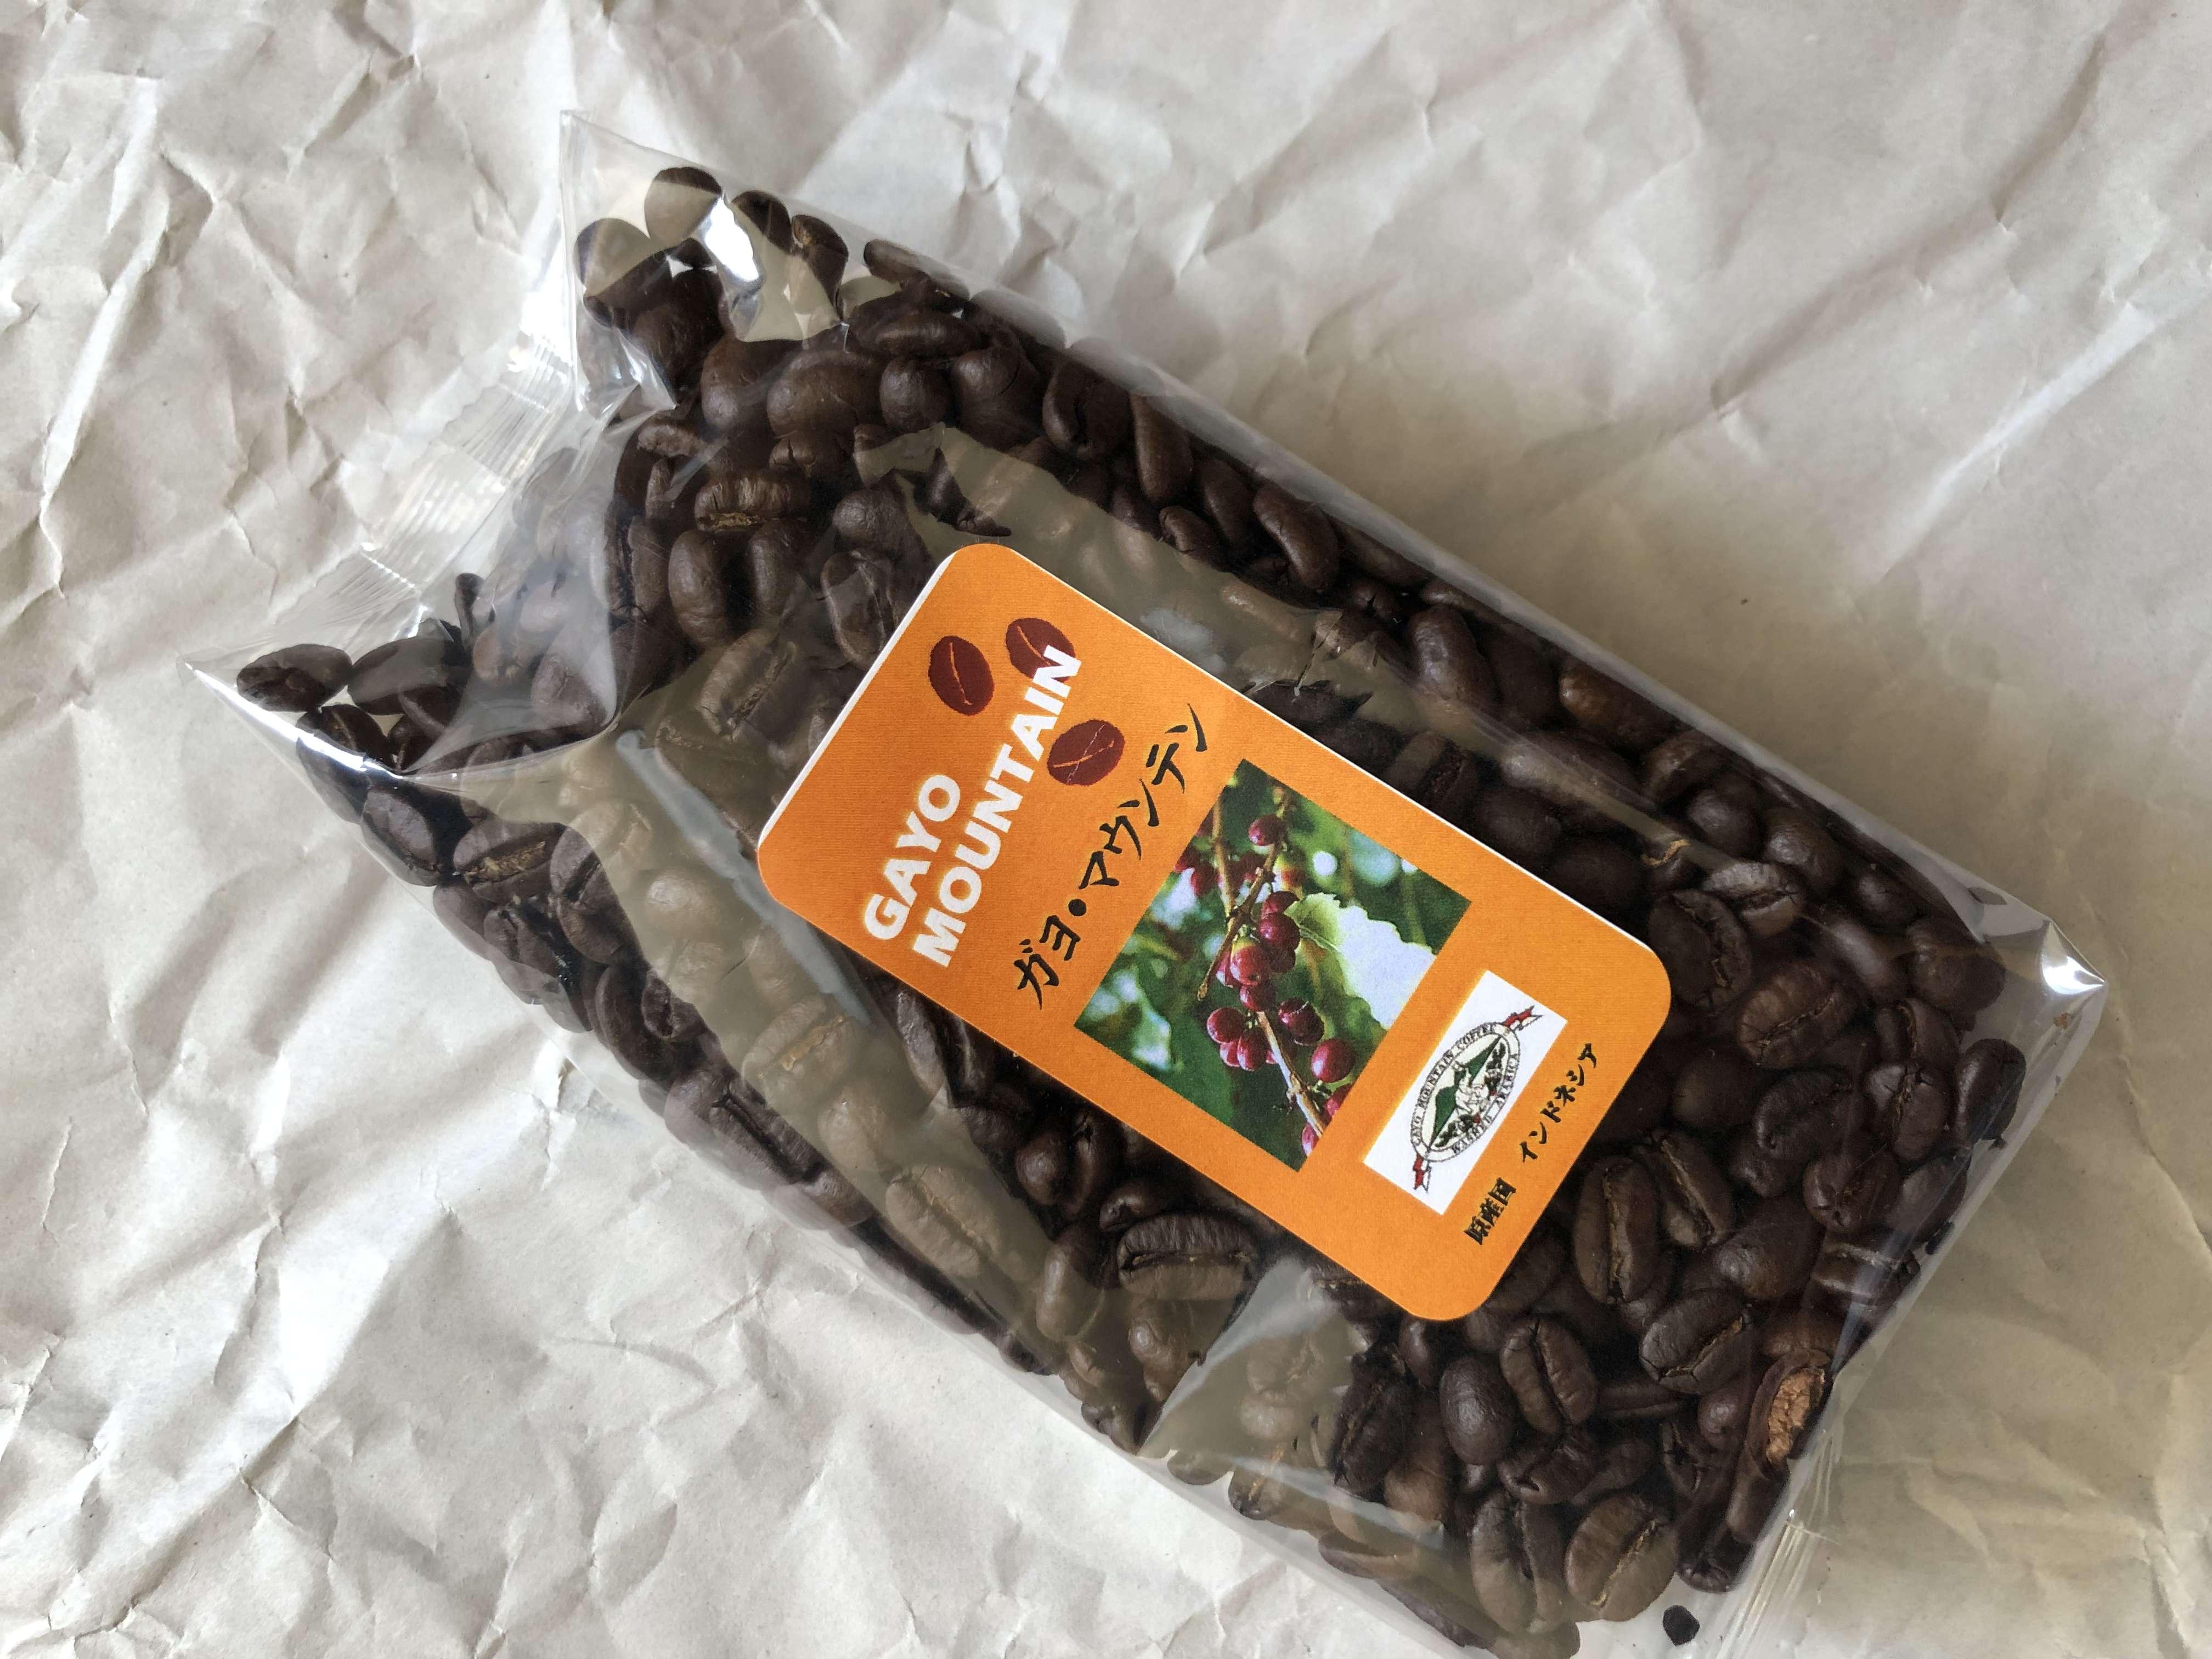 コーヒー 種類 ガヨ・マウンテン インドネシア